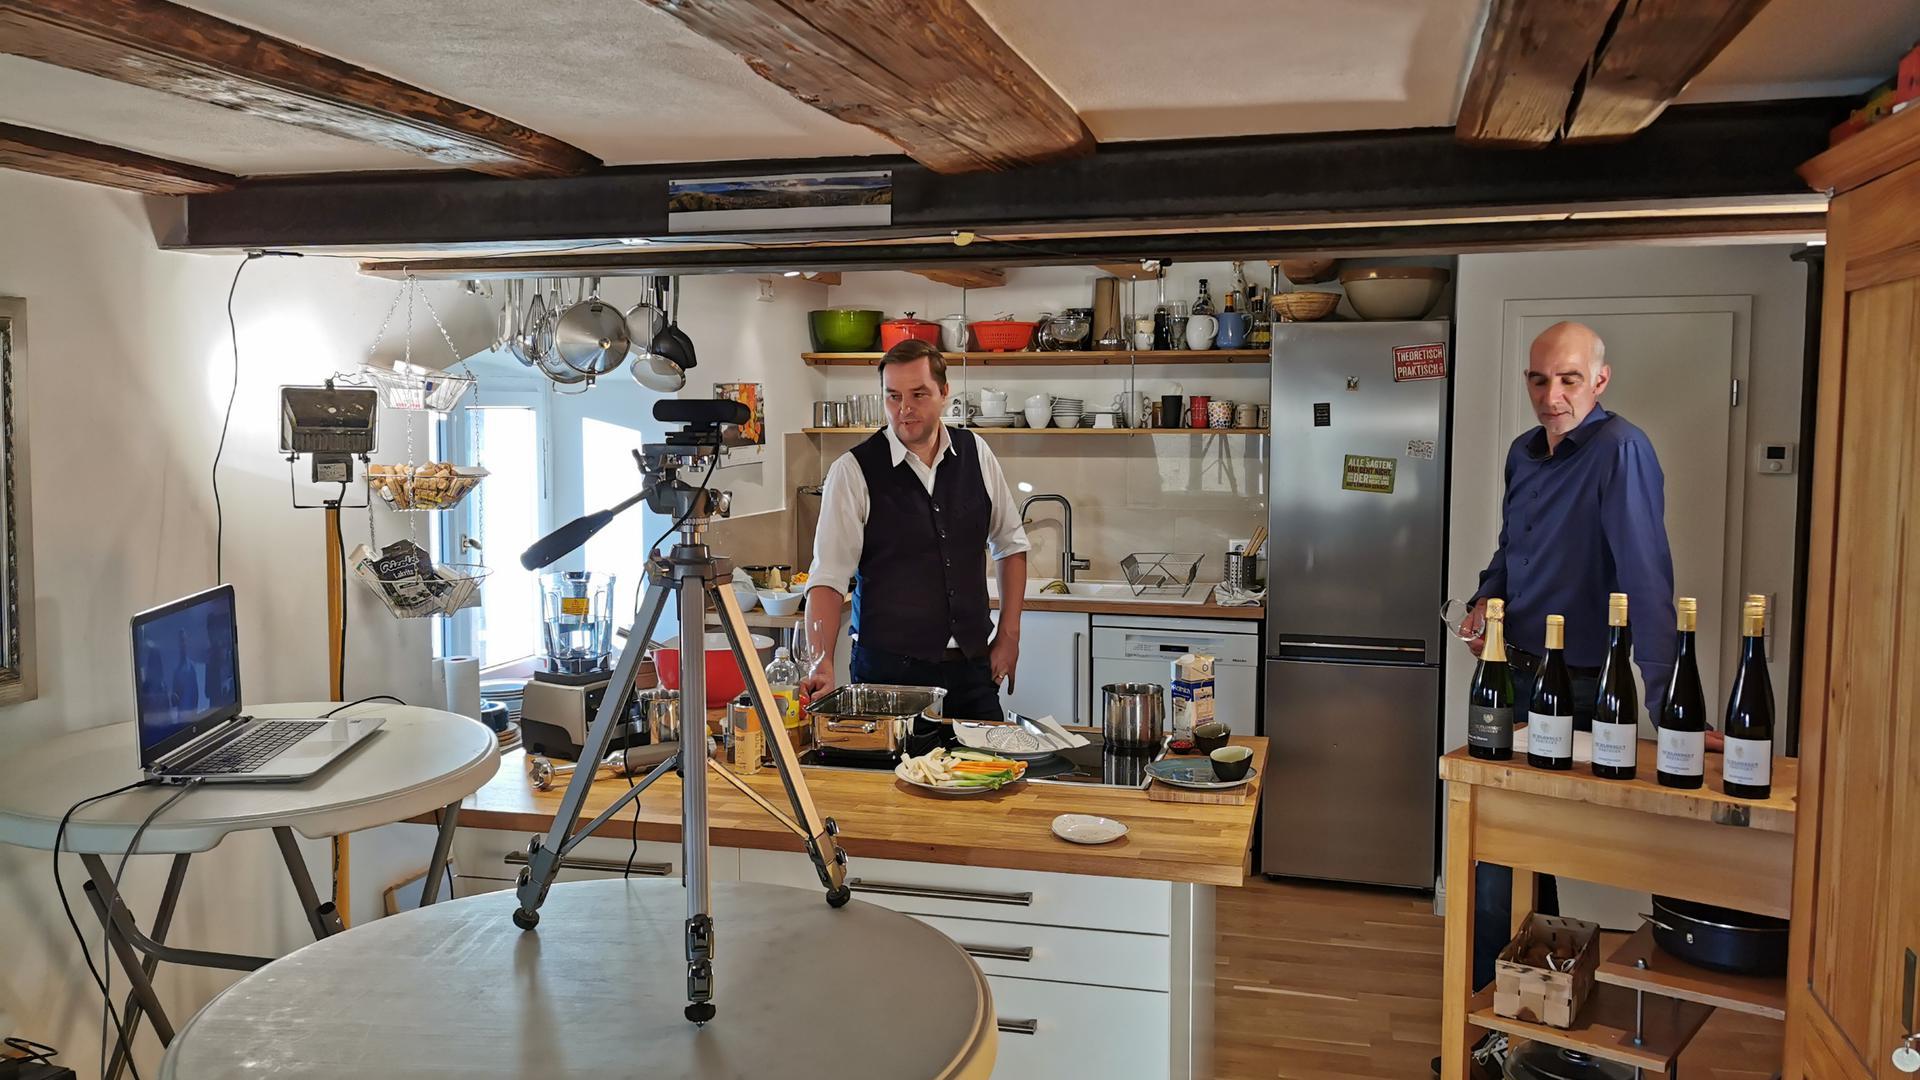 Zwei Männer stehen in einer Küche. Einer bereitet das Essen am Herd zu, der andere steht mit korrespondierenden Weinen bereit.